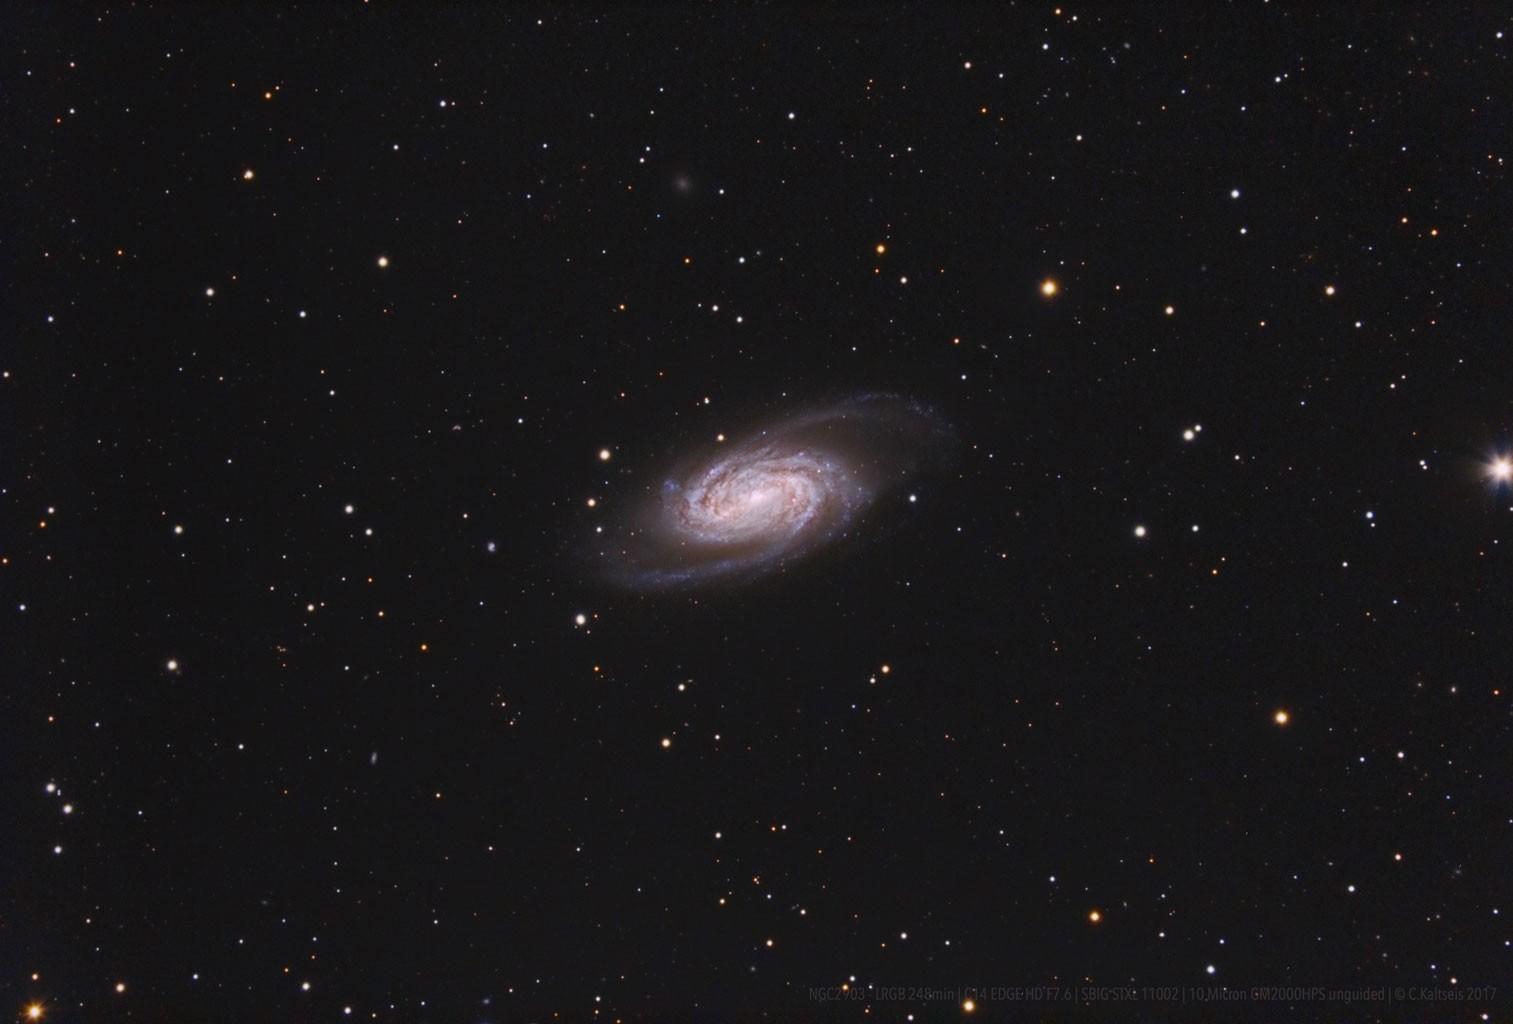 Anwendung: LRGB-Aufnahme der Galaxie NGC 2903 von Christoph Kaltseis, gewonnen mit einem C14EdgeHD mit f/7-Reducer und einer SBIG-CCD-Kamera.